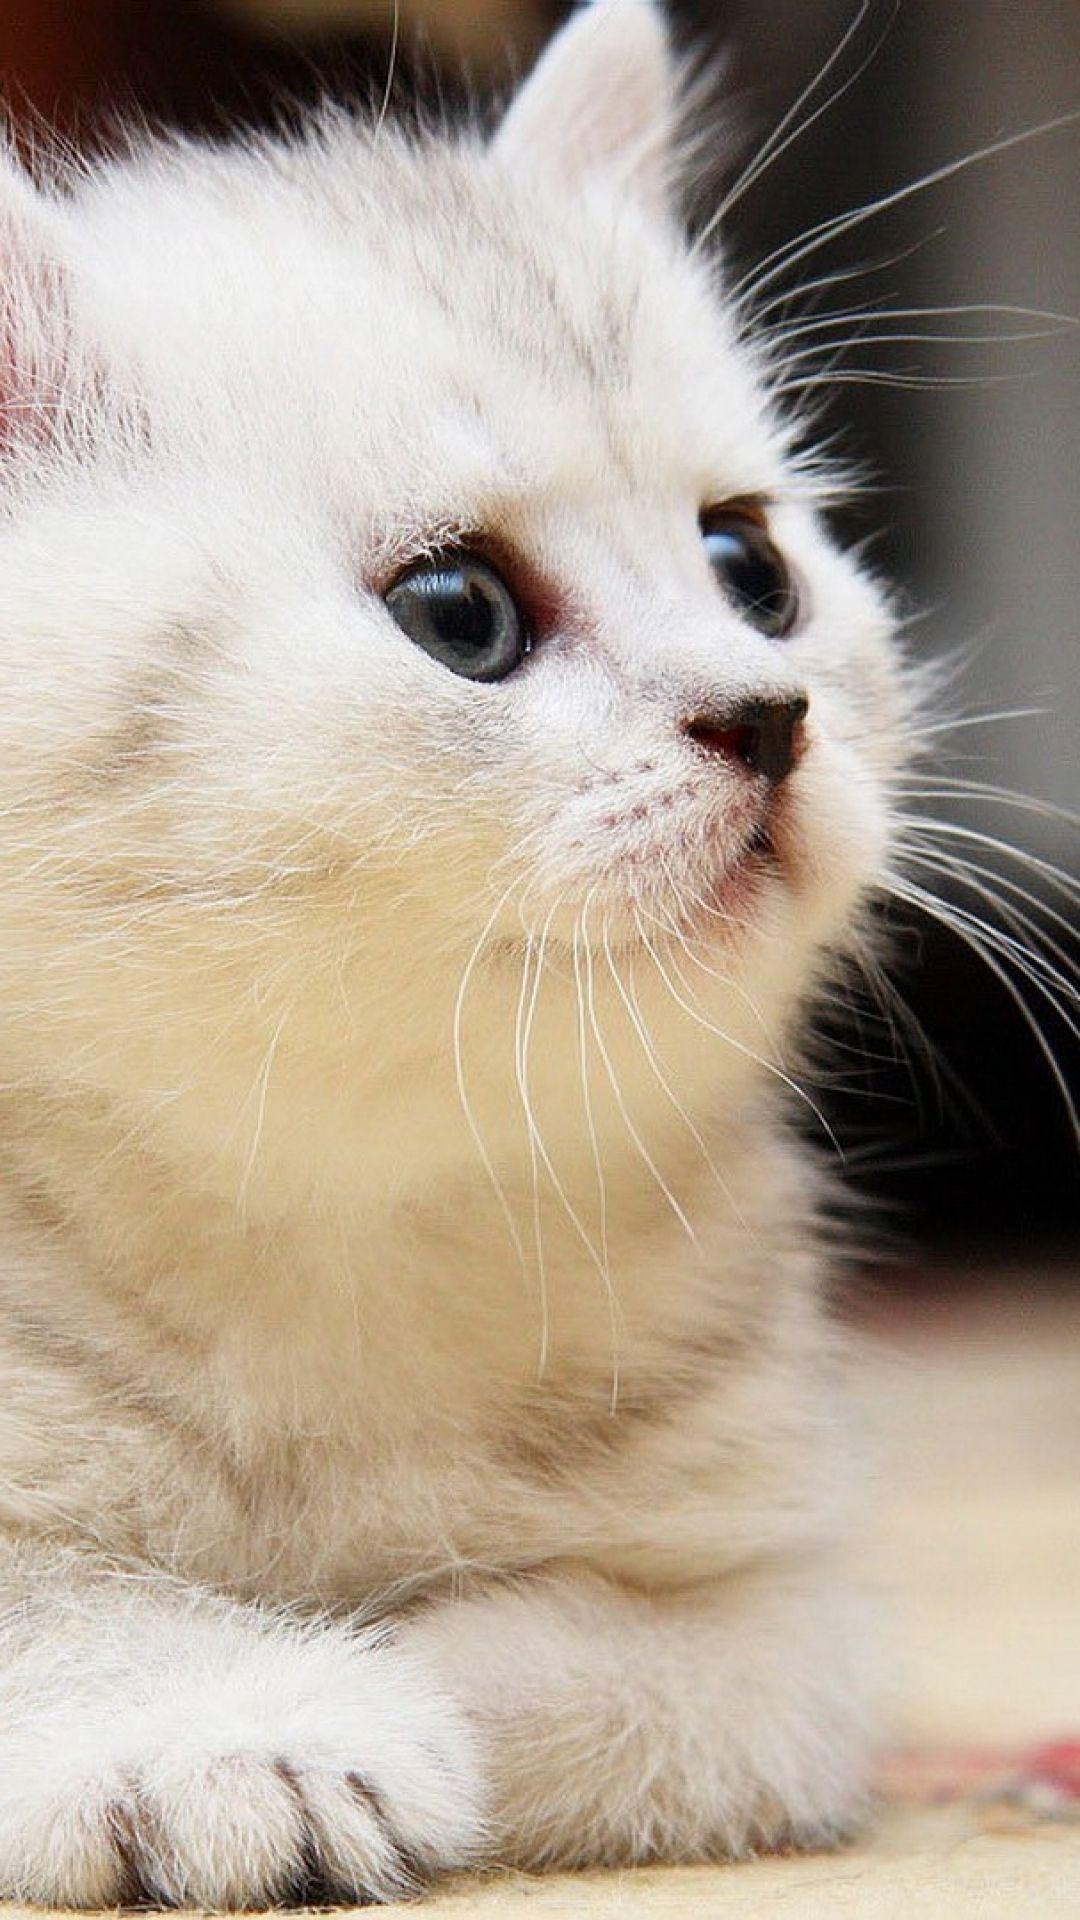 Kitten Fluffy Face Kid Playful Cute Fluffy Kittens Cute Cat Wallpaper Kittens Cutest